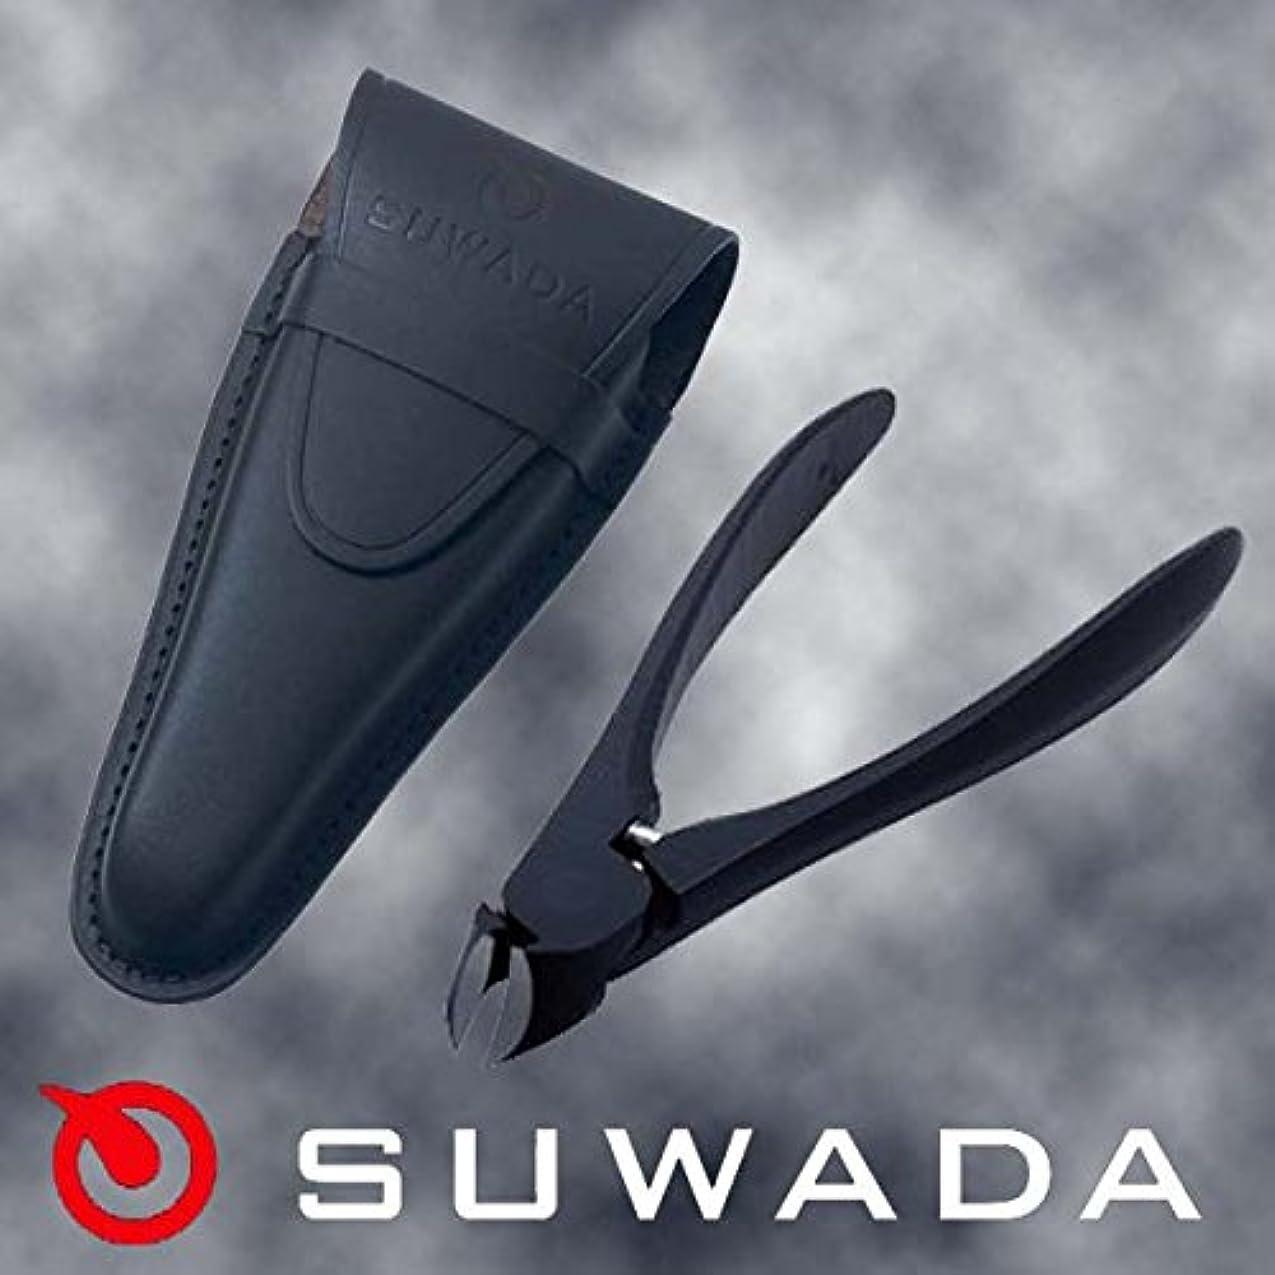 団結するピカソグローSUWADA爪切りブラックL&ブラック革ケースセット 諏訪田製作所製 スワダの爪切り